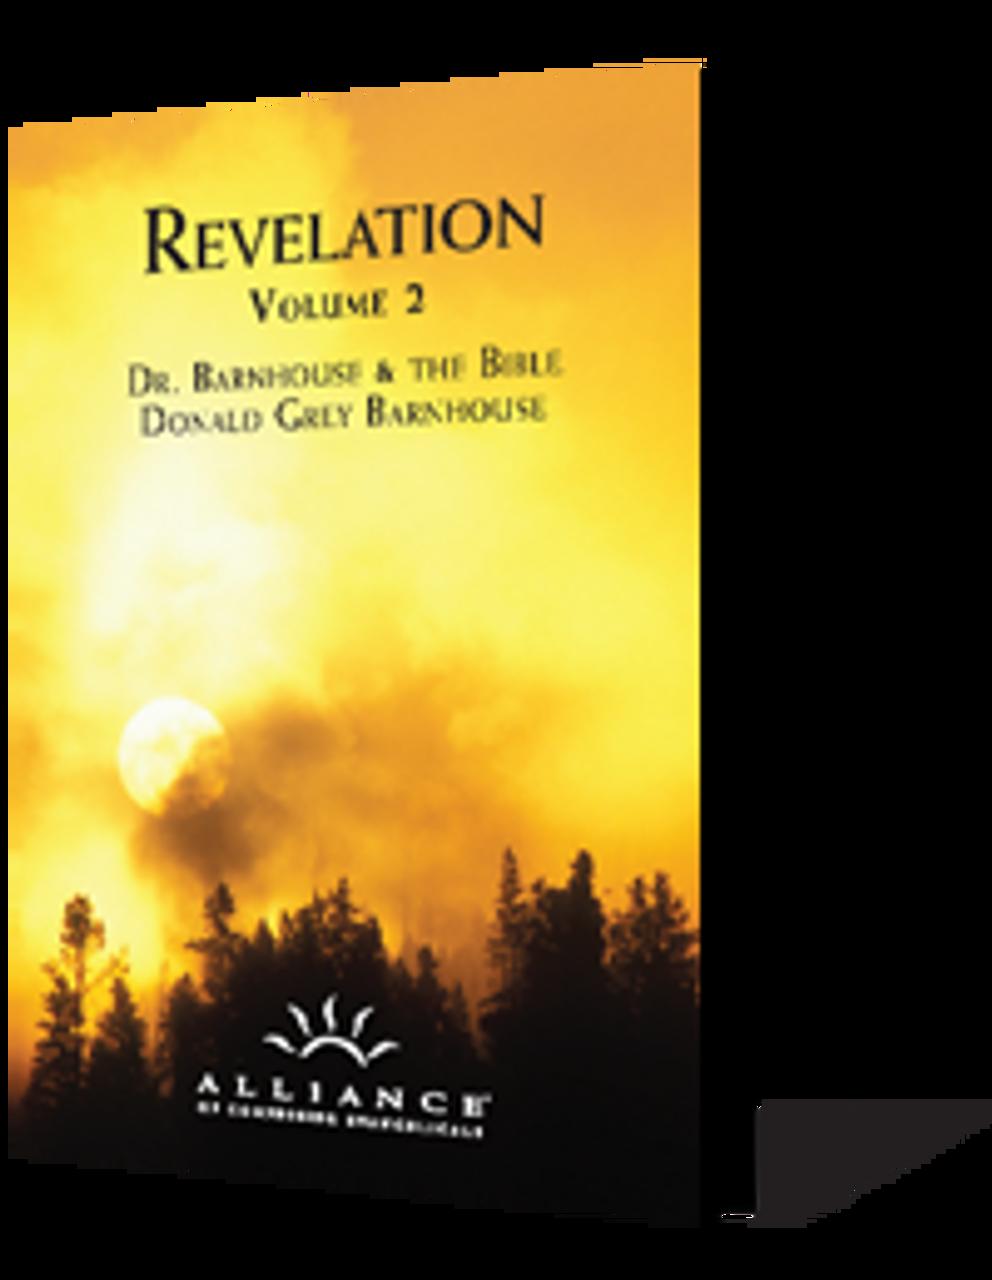 Revelation, Volume 2 (CD Set)